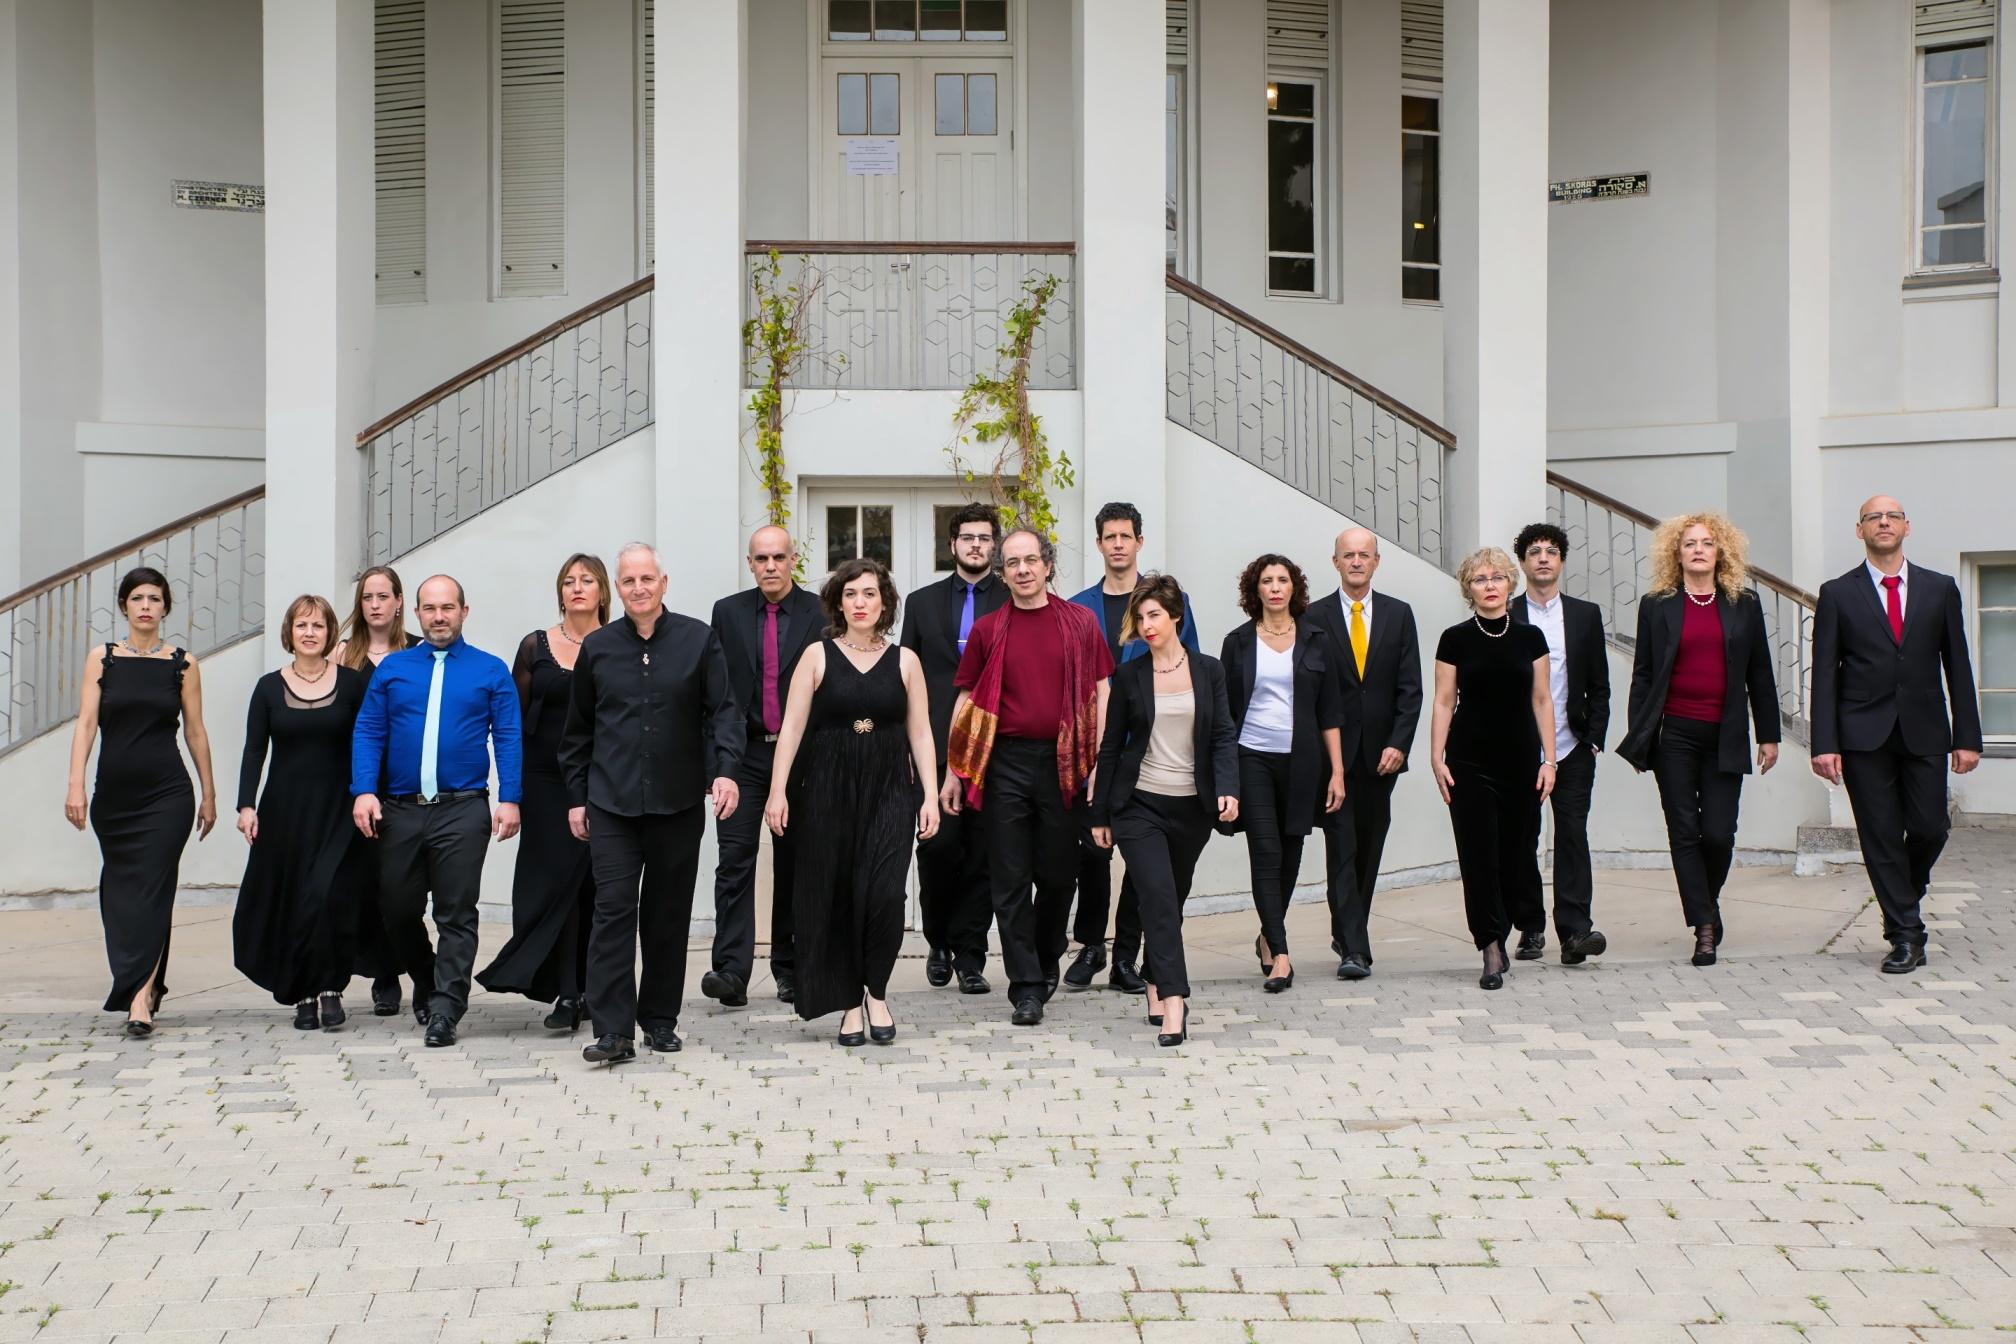 Новый сезон Израильского вокального ансамбля «Ха-коли ха-исраэли», посвященный 25-летию со дня основания